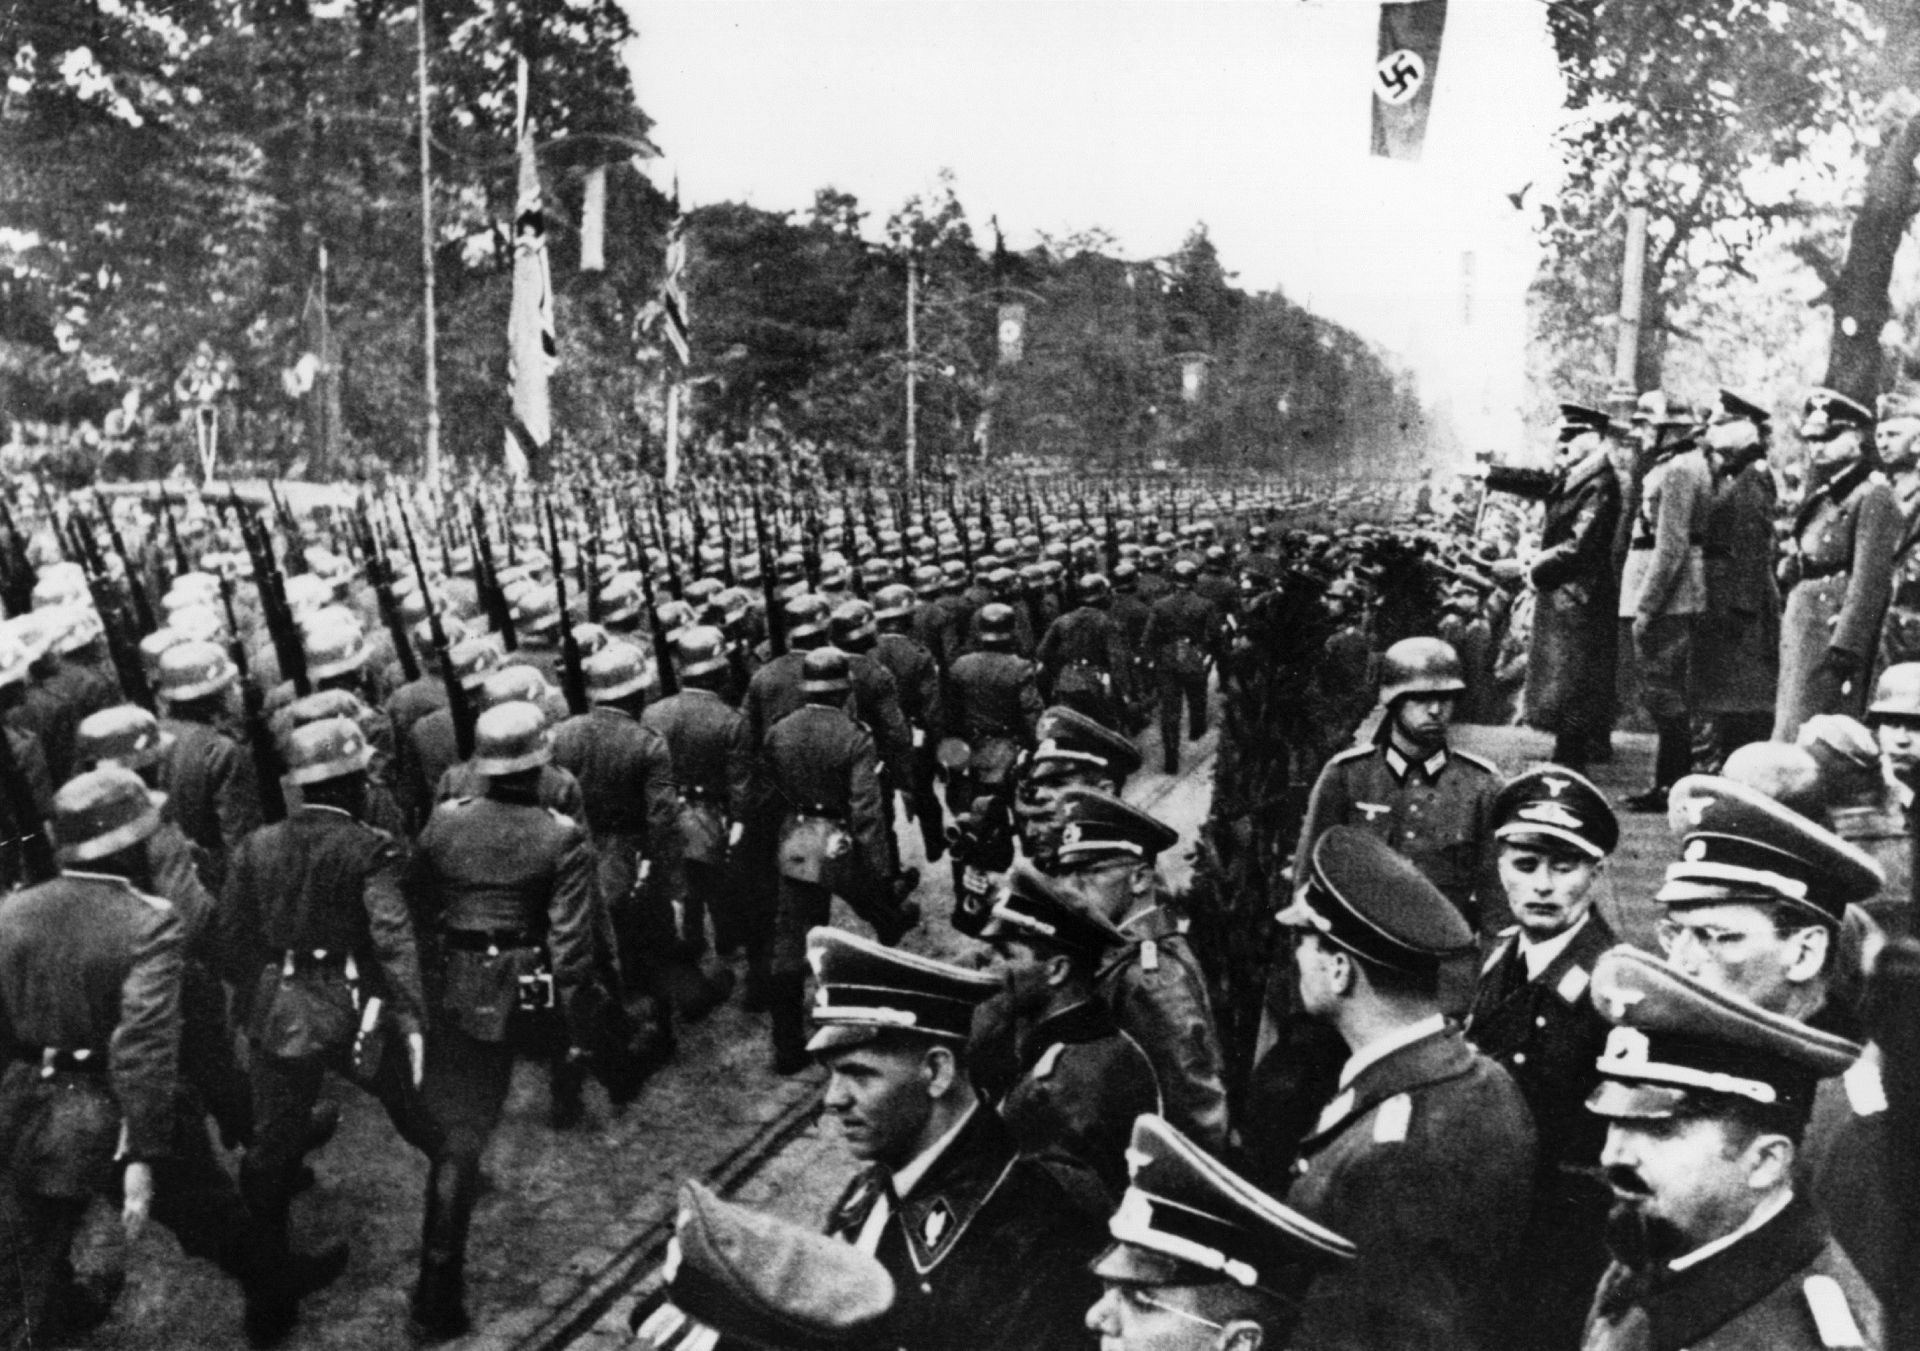 5 октомври 1939 г .: германски парад пред Адолф Хитлер (1889 - 1945) и нацистки генерали след влизане във Варшава